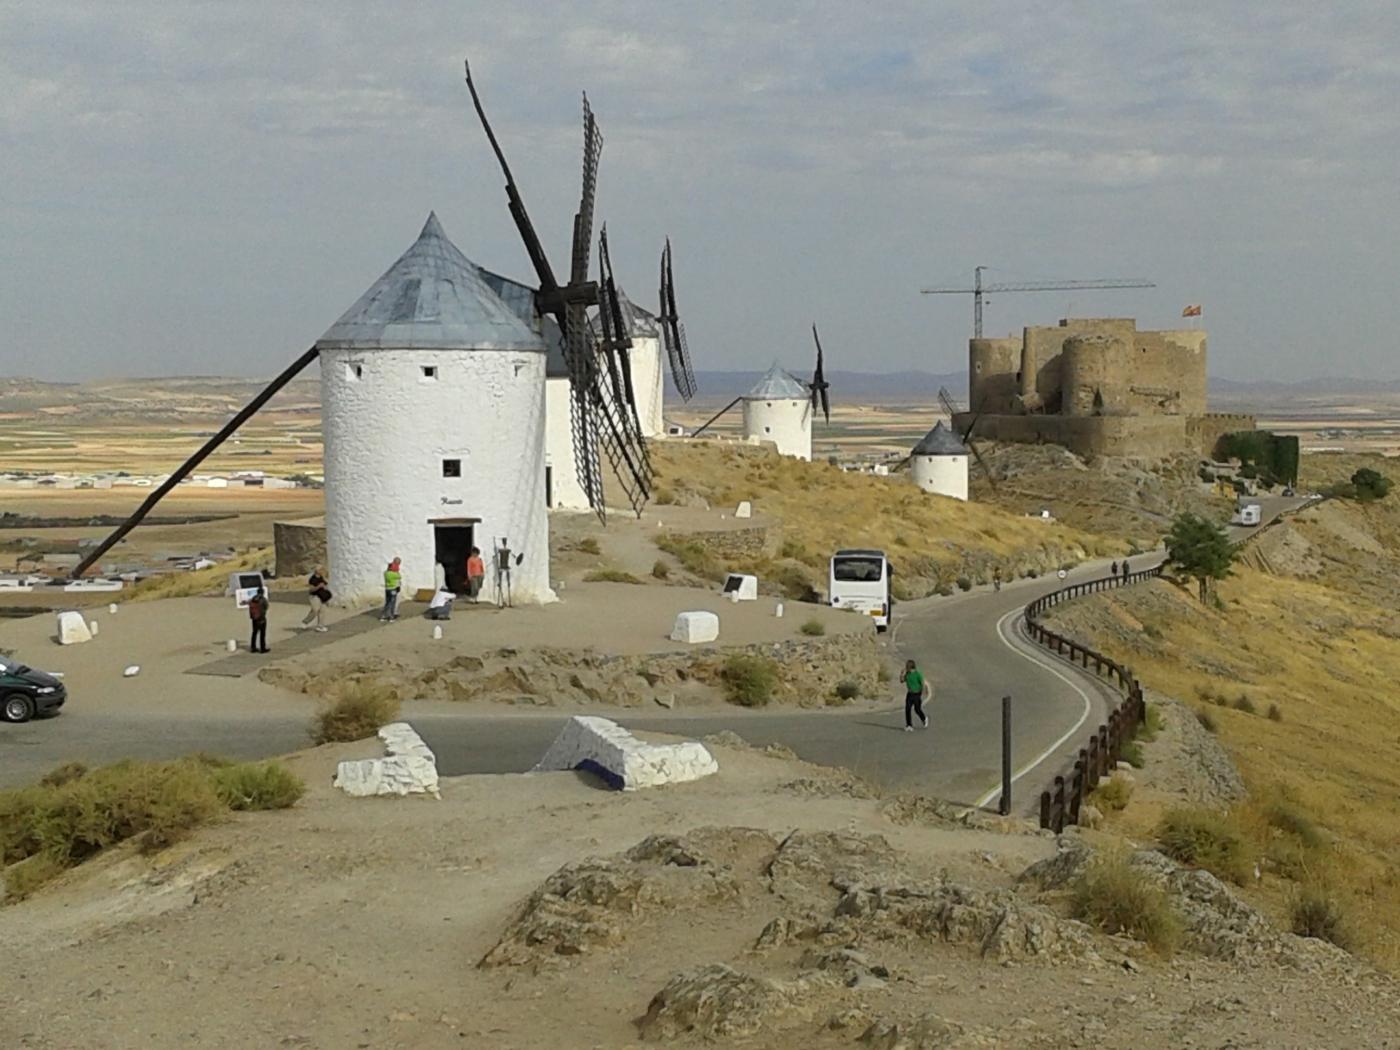 西班牙白色風車村_图1-2